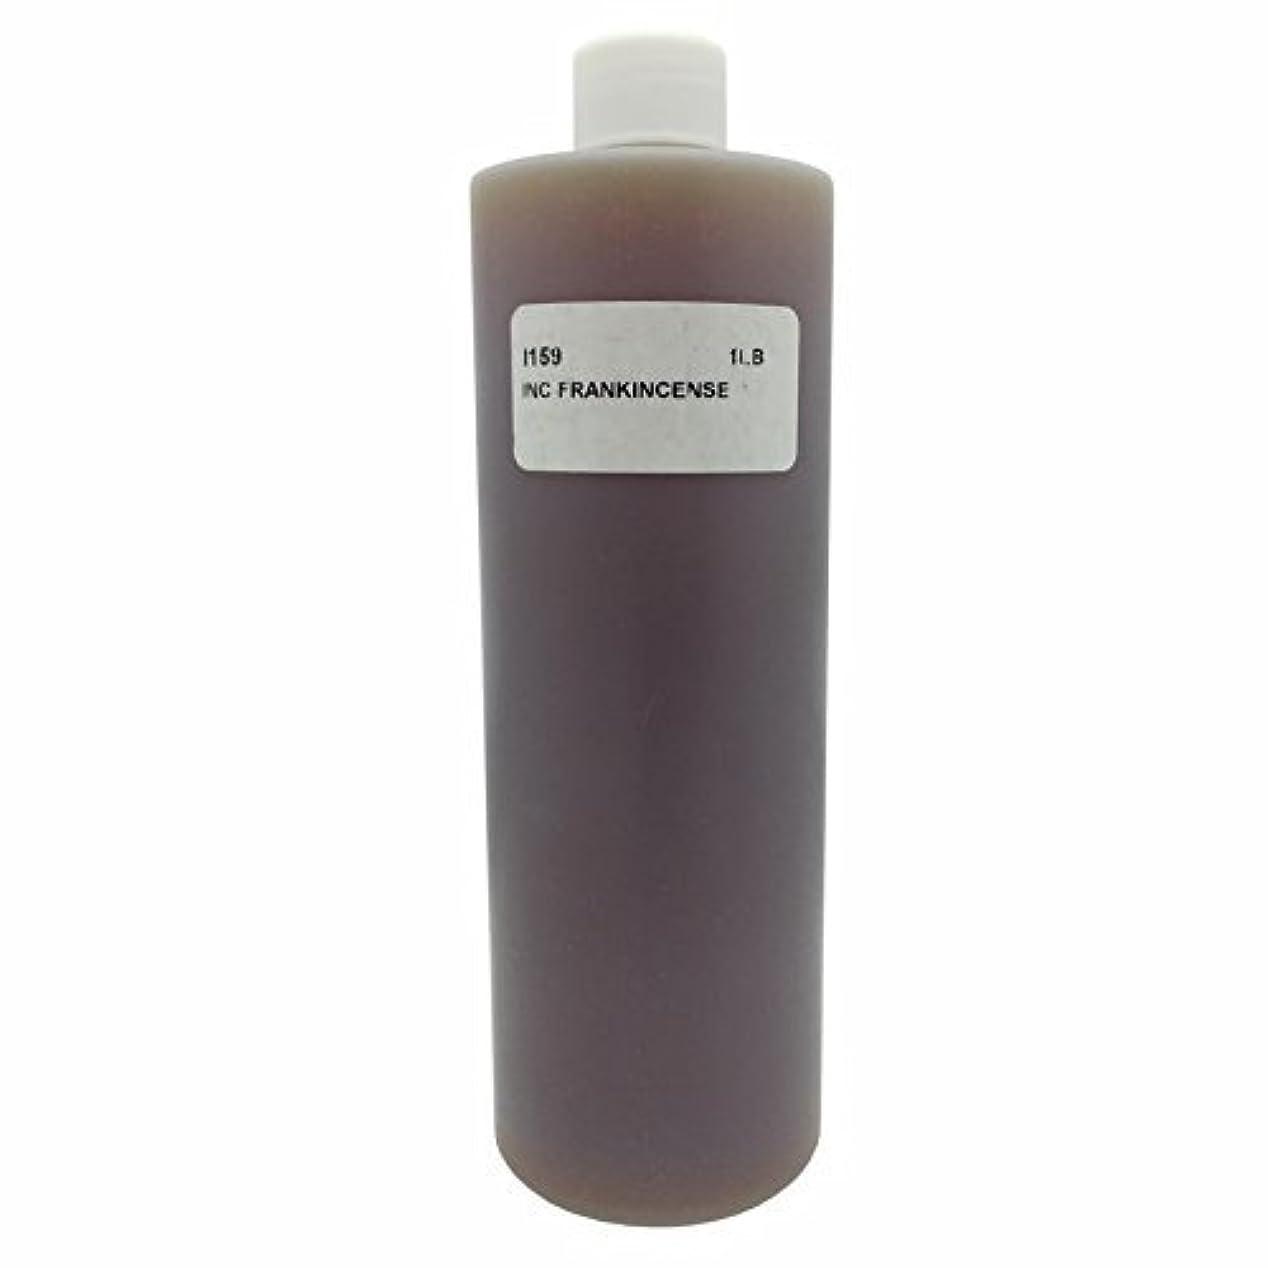 ジェスチャートリプル持続するBargz Perfume – Frankincense Incenseオイル香りフレグランス